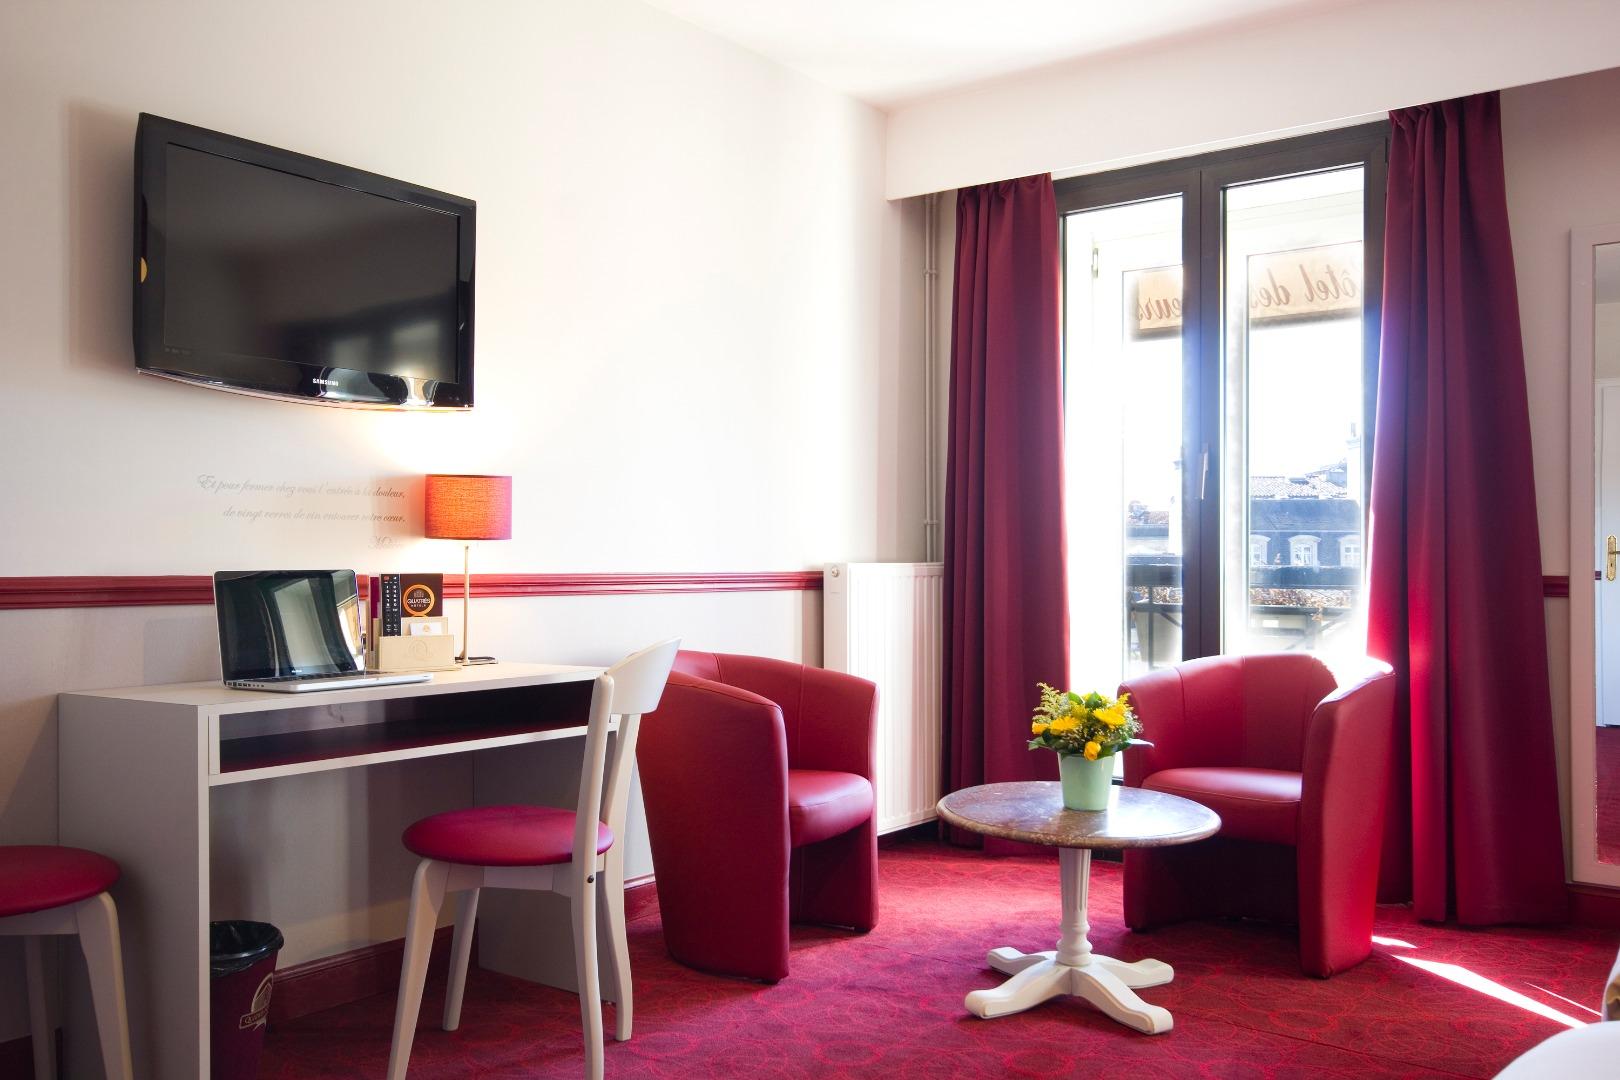 site officiel de nos 2 h tels bordeaux centre op ra 4 soeurs meilleur prix en direct. Black Bedroom Furniture Sets. Home Design Ideas